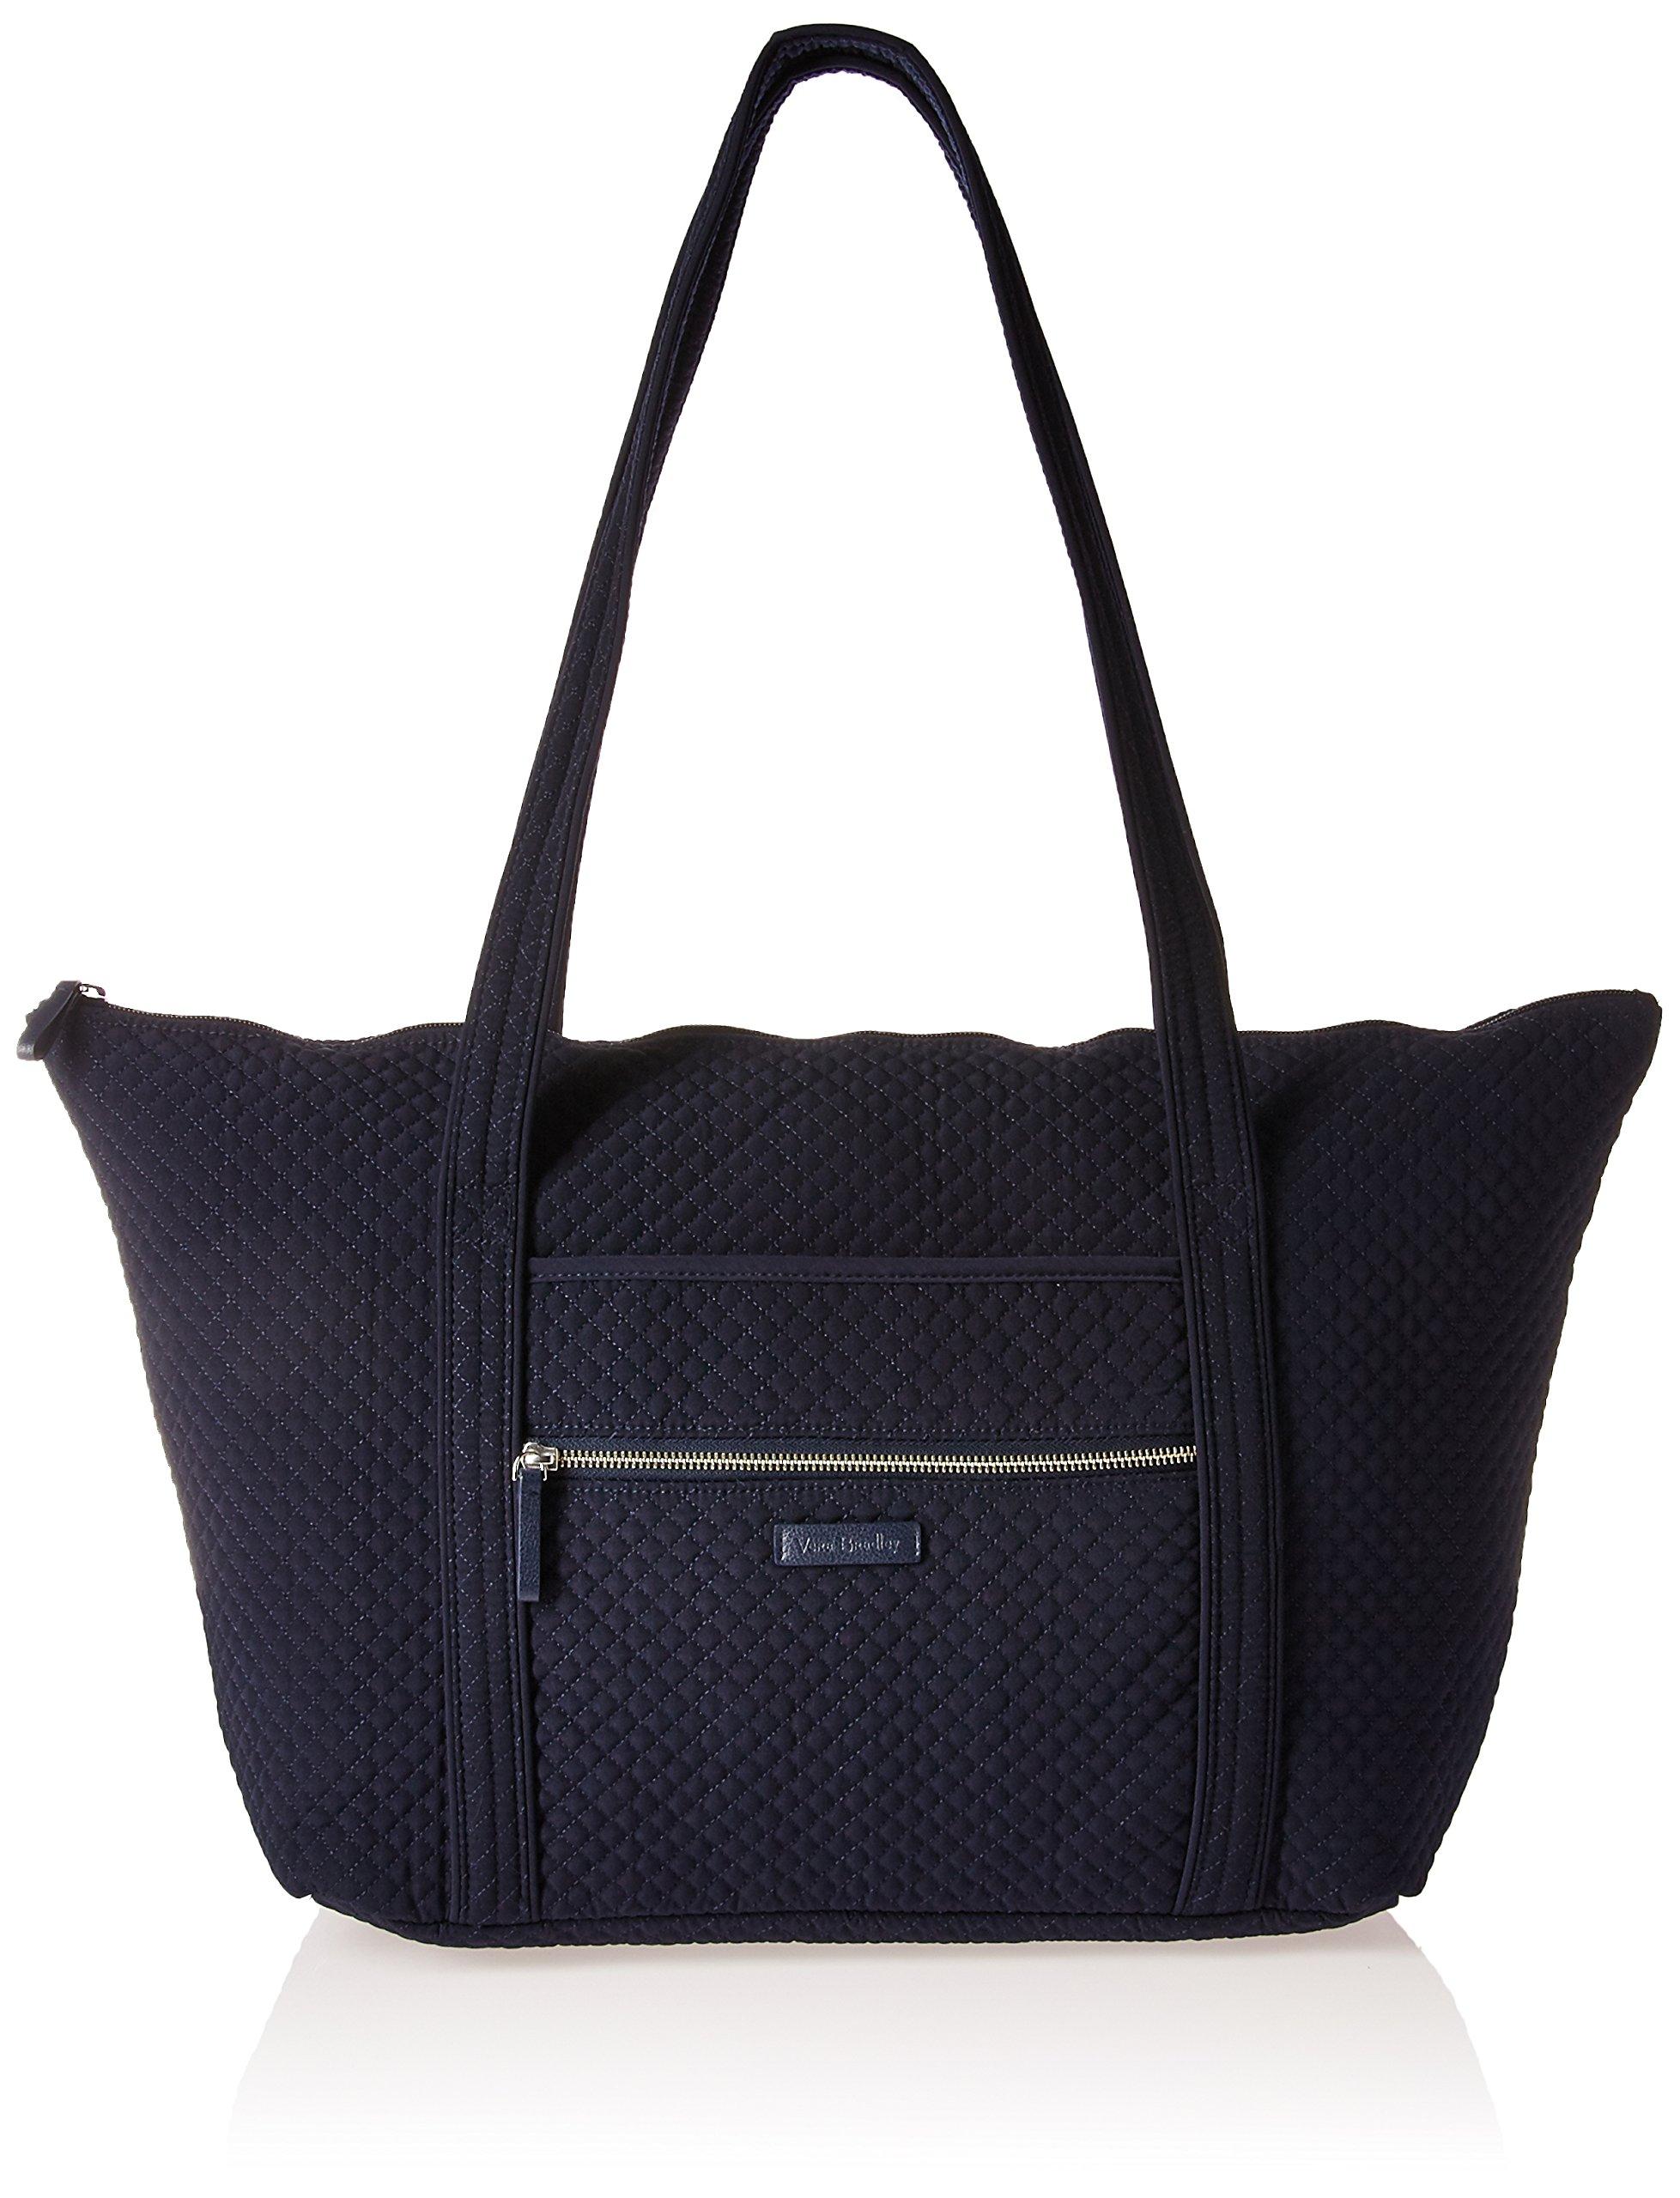 Vera Bradley Women's Iconic Miller Travel Bag